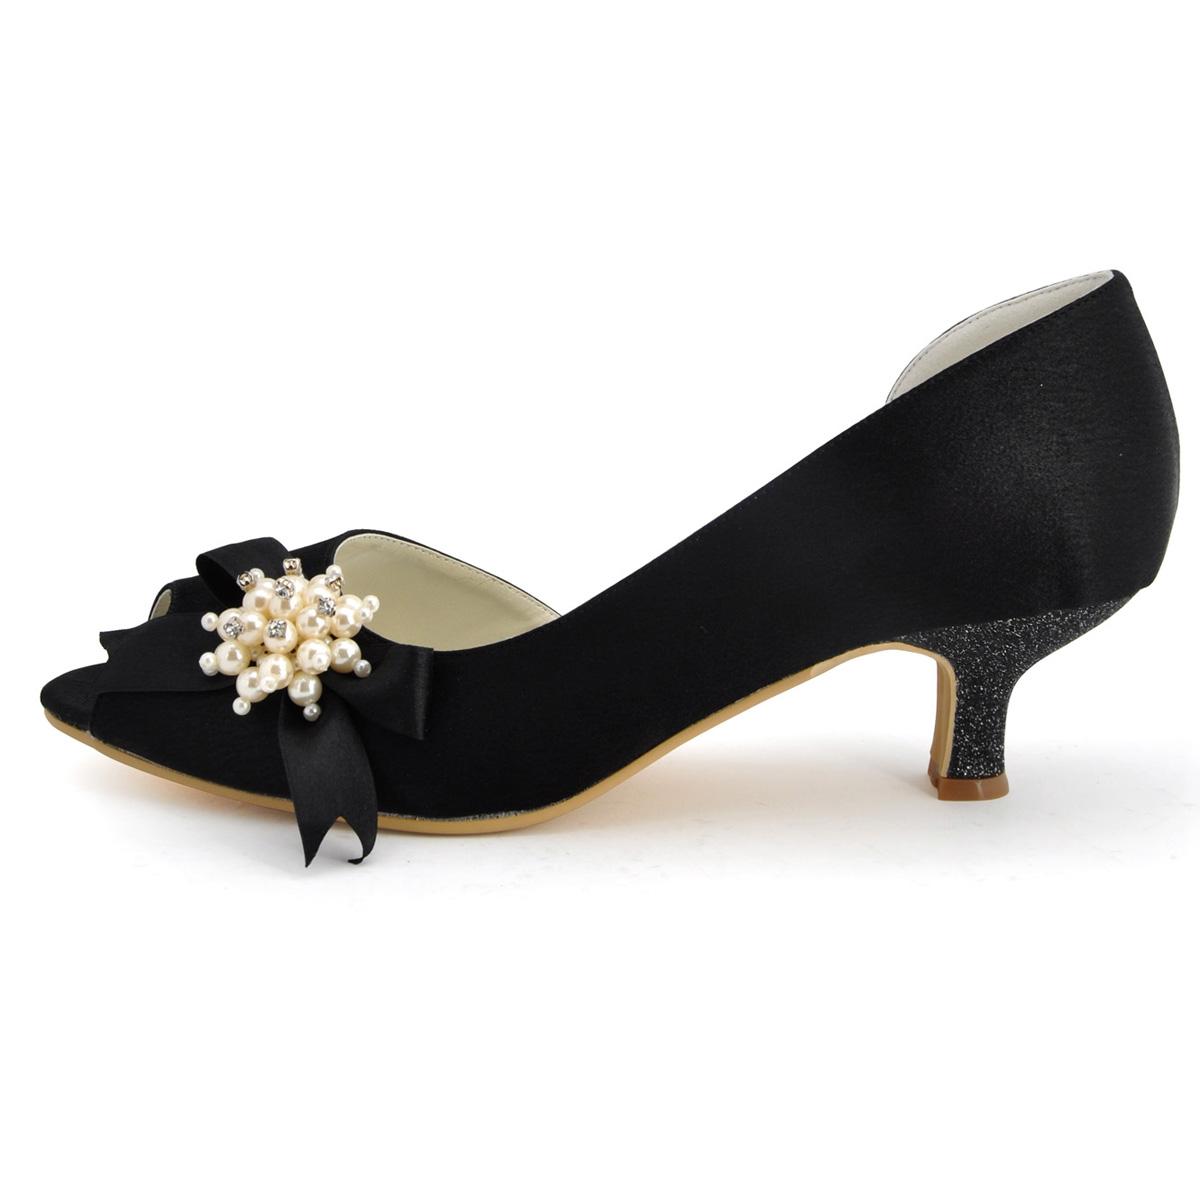 Kitten Heel Party Shoes